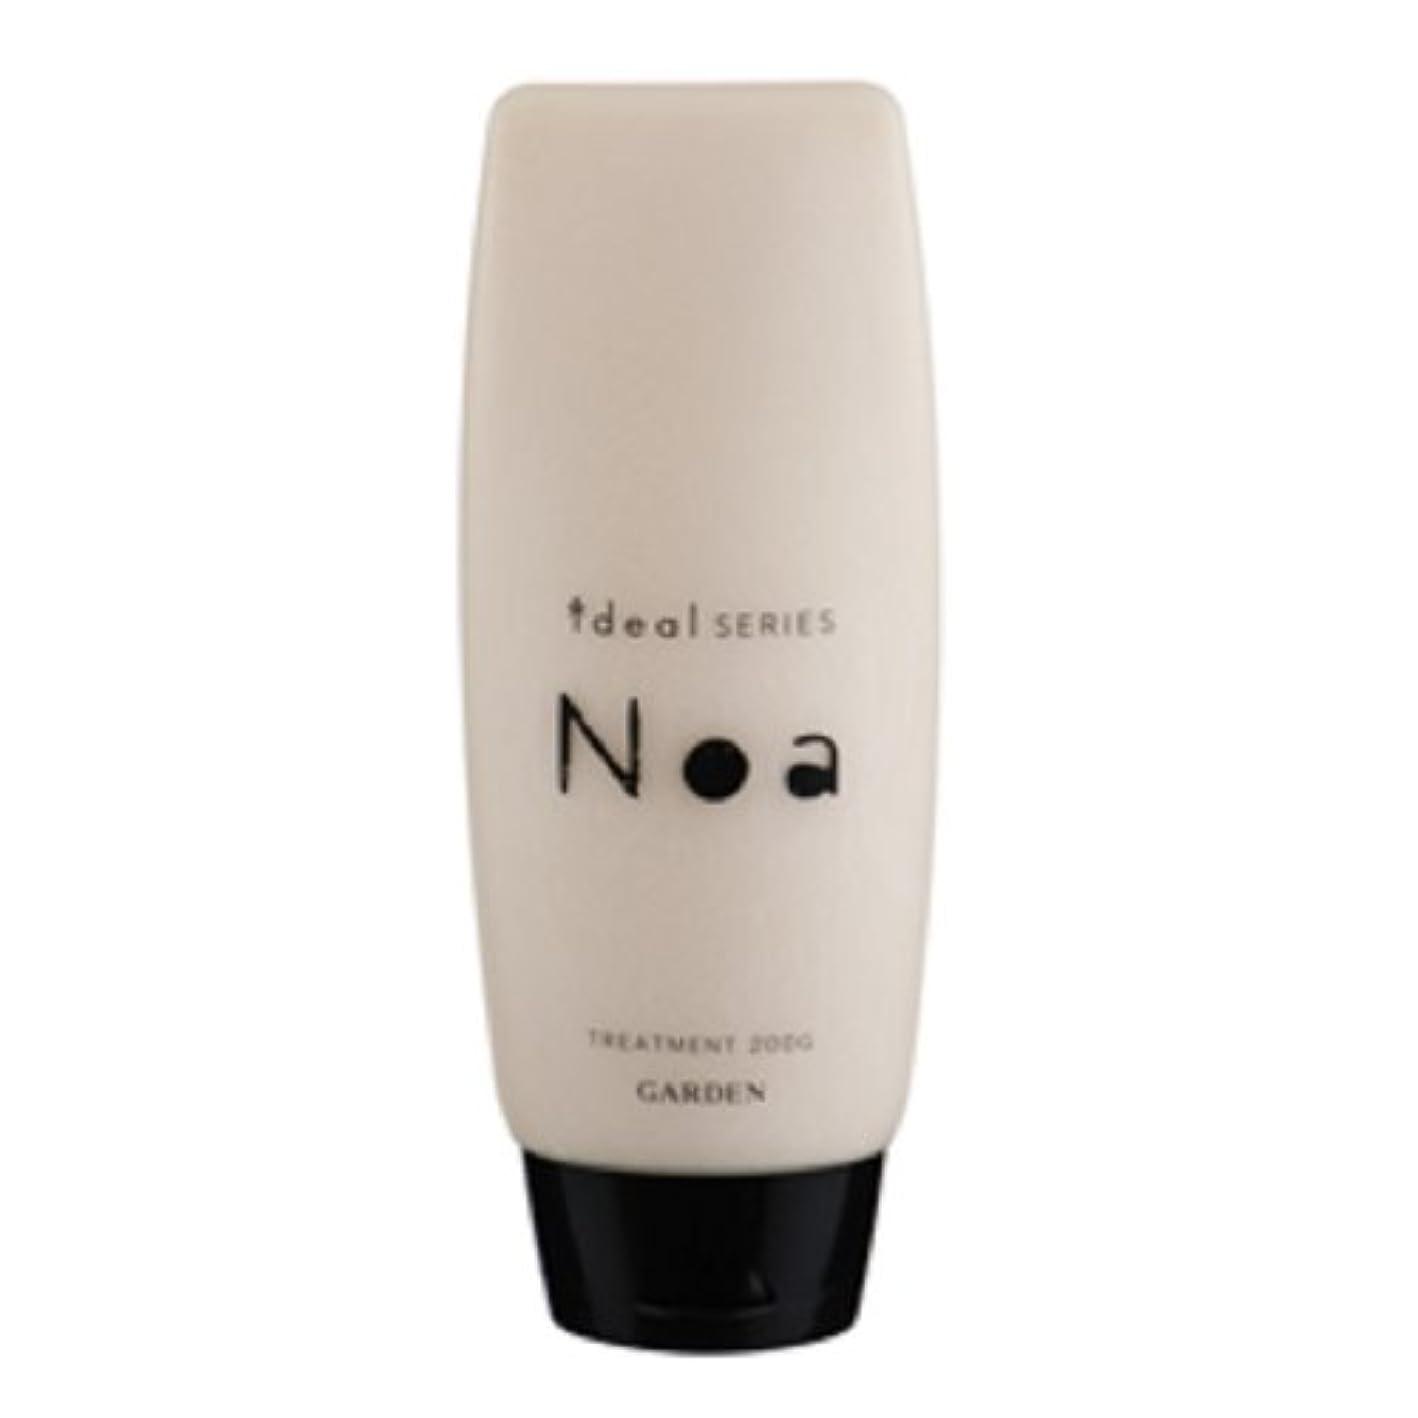 常識揃えるめったにGARDEN ideal SERIES (イデアルシリーズ) Noa 天然シアバター配合 ノアトリートメント 200g